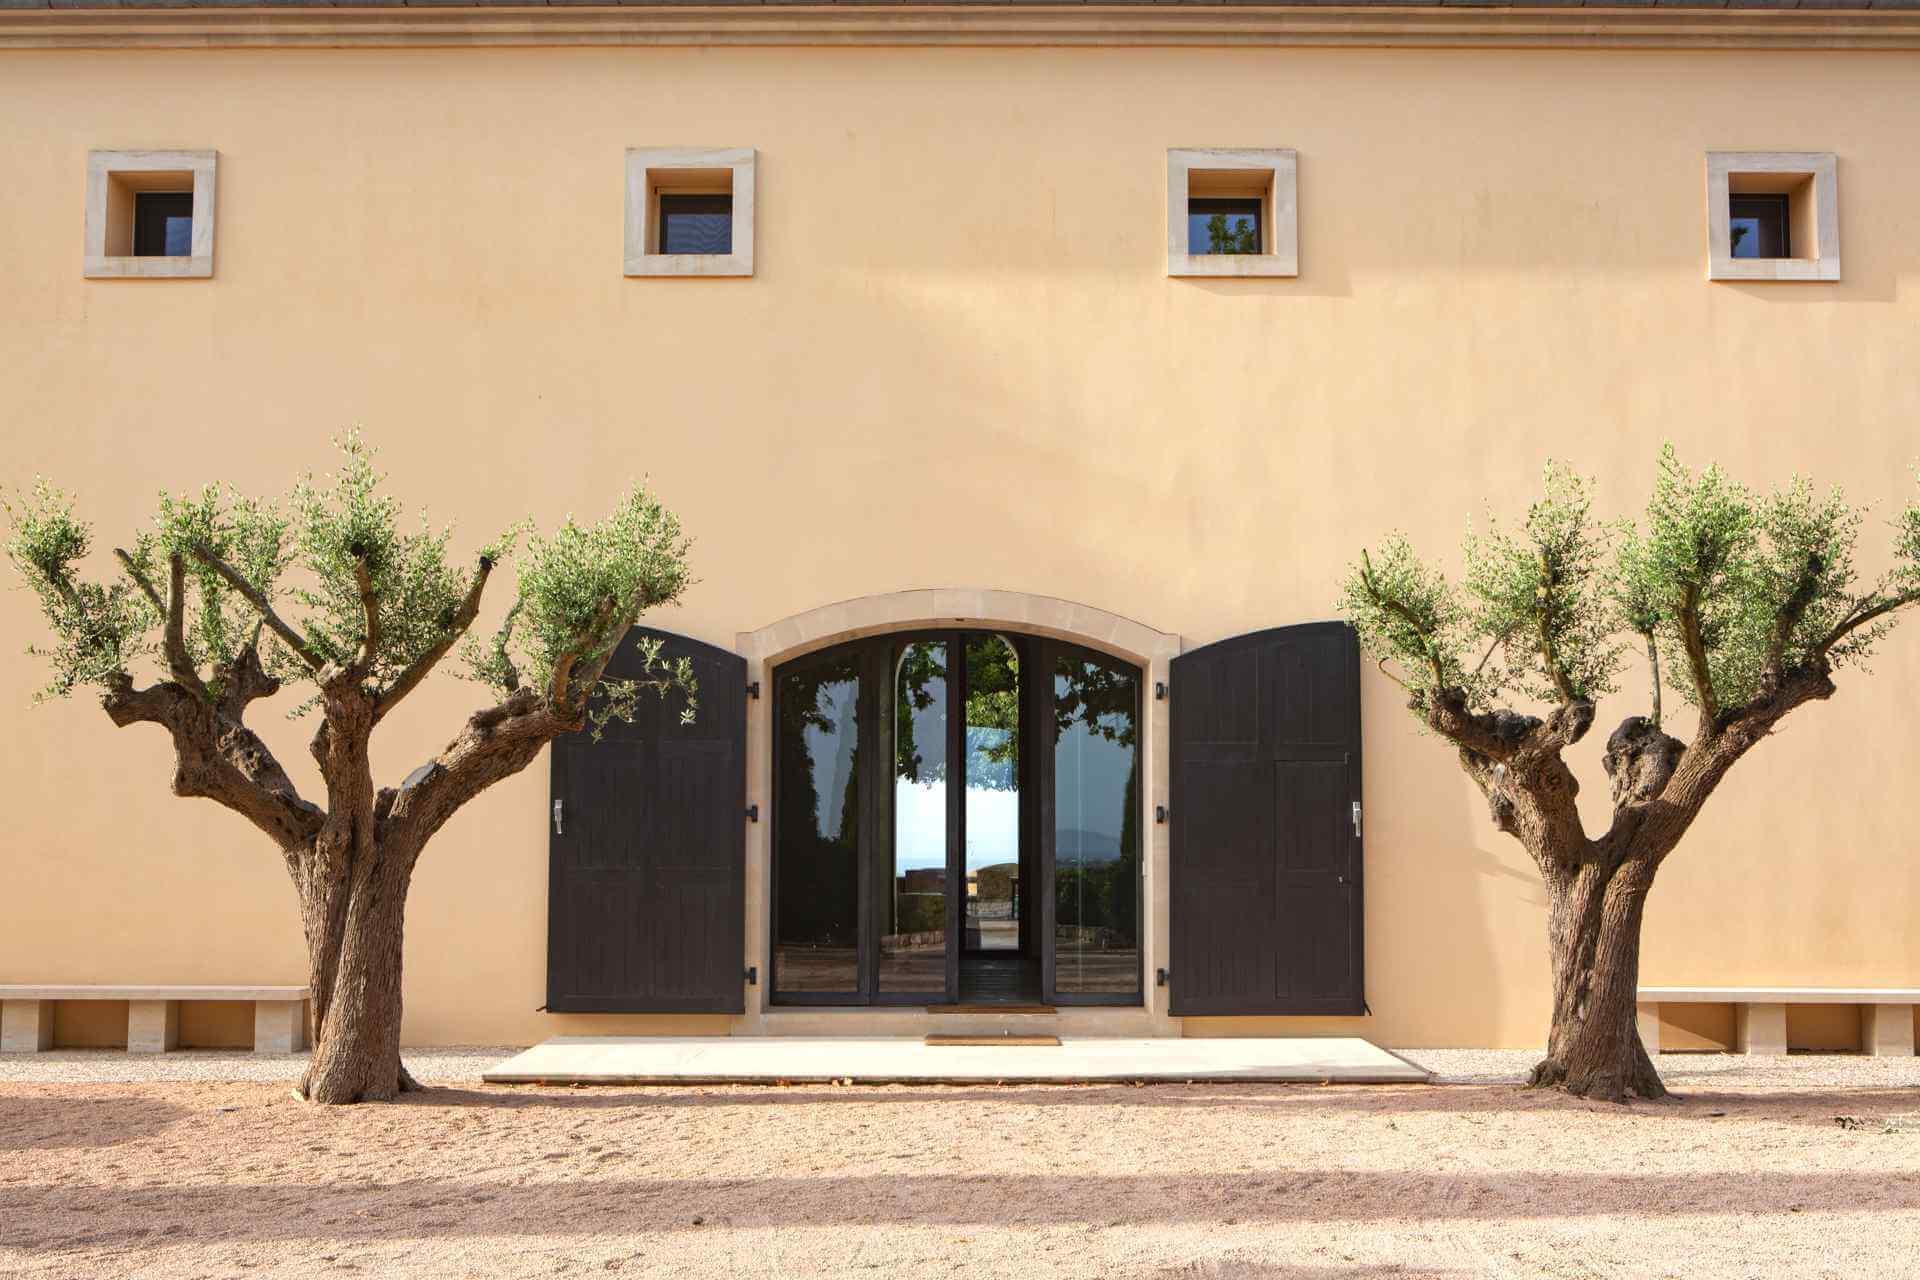 01-07 Exklusive Villa Mallorca Süden Bild 10